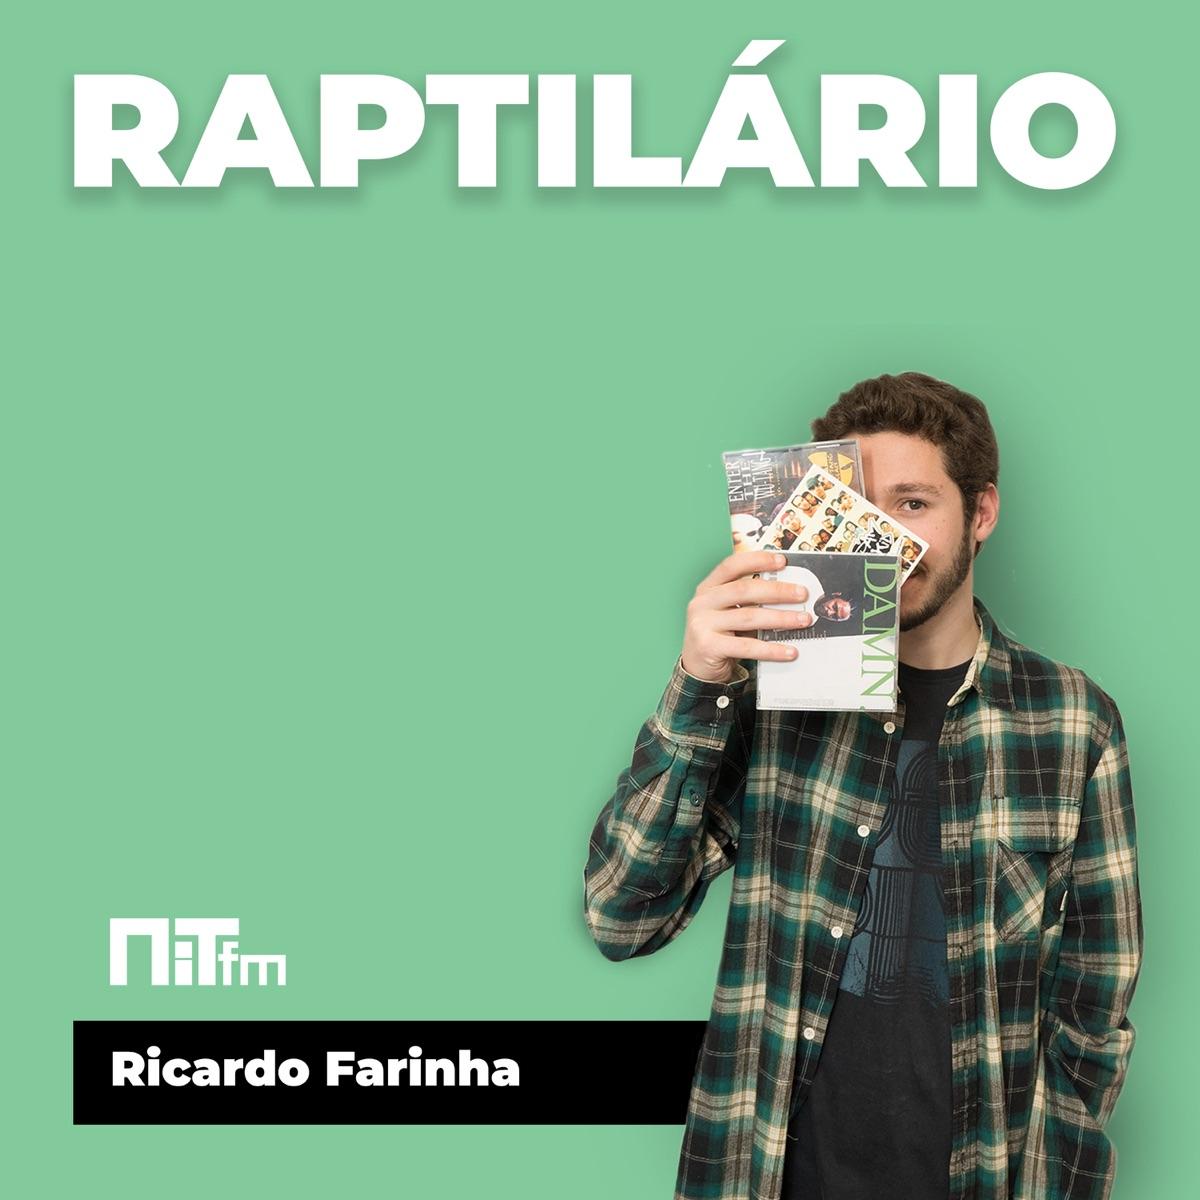 NiTfm — Raptilário